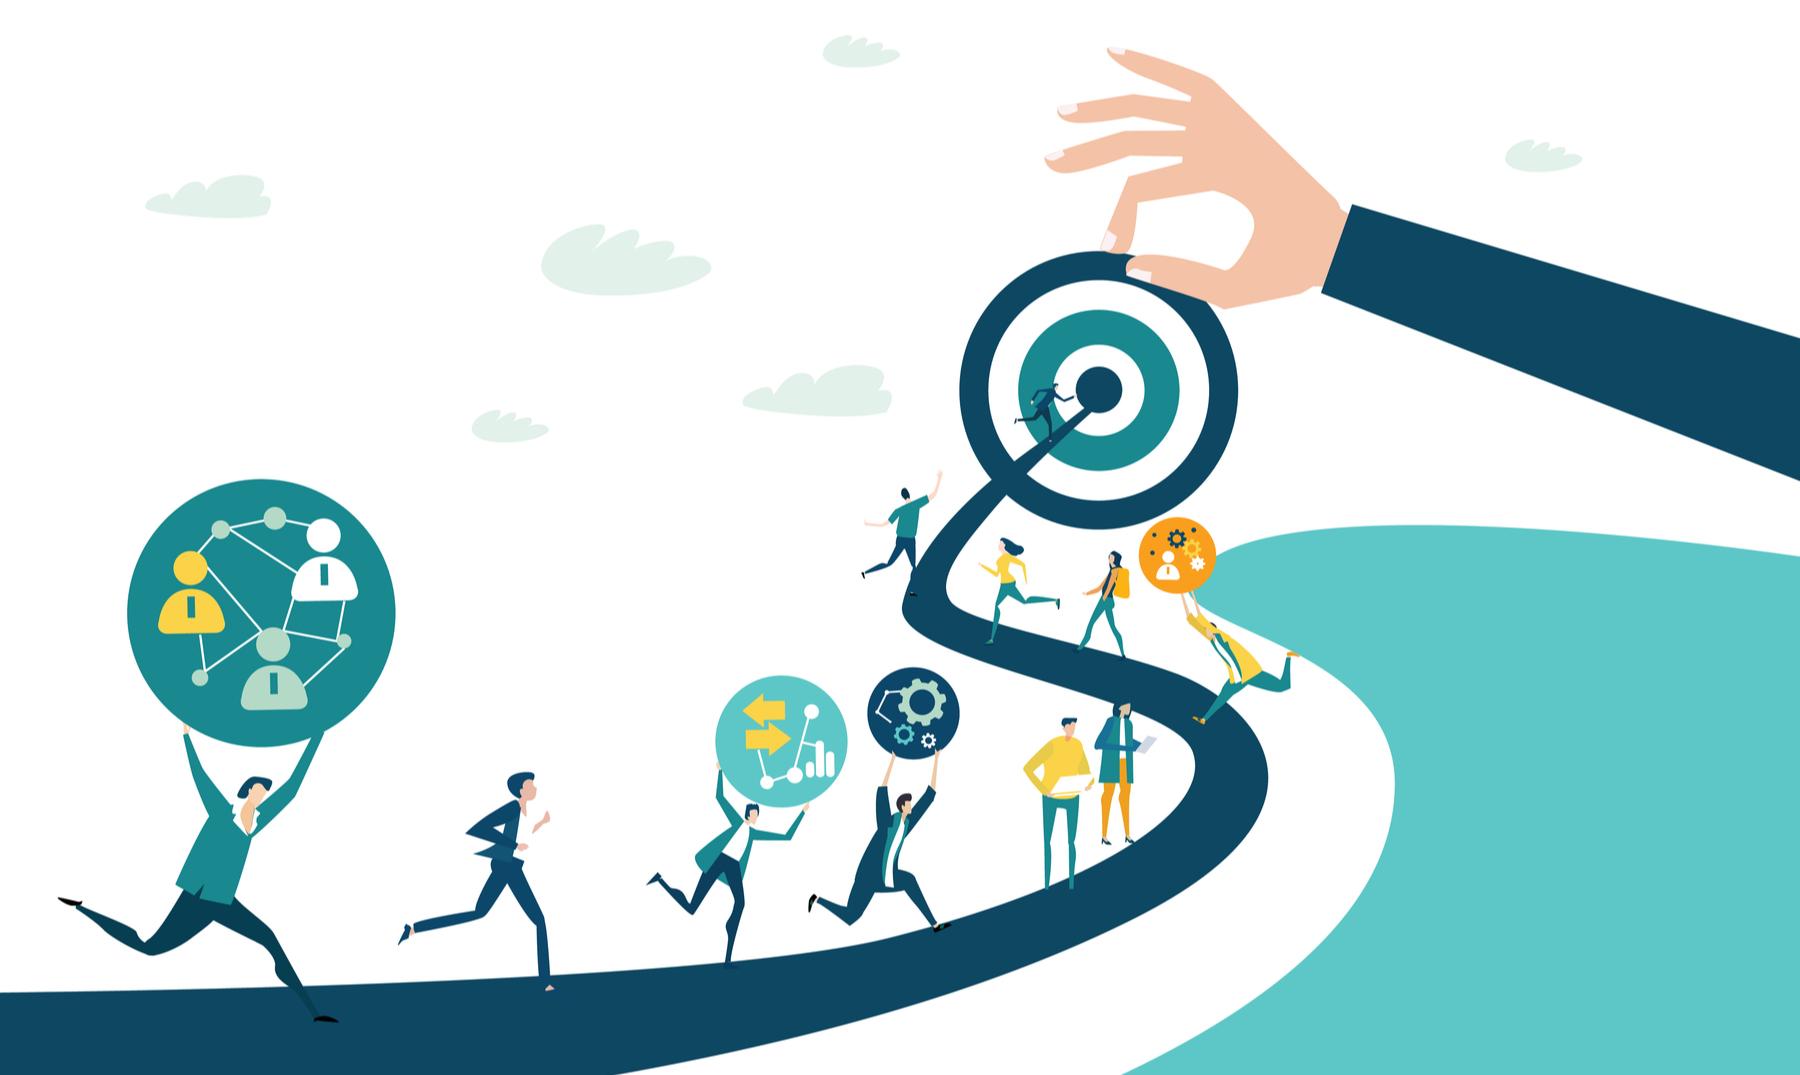 Definir objetivos | Los 4 mejores métodos para alcanzar tus metas!